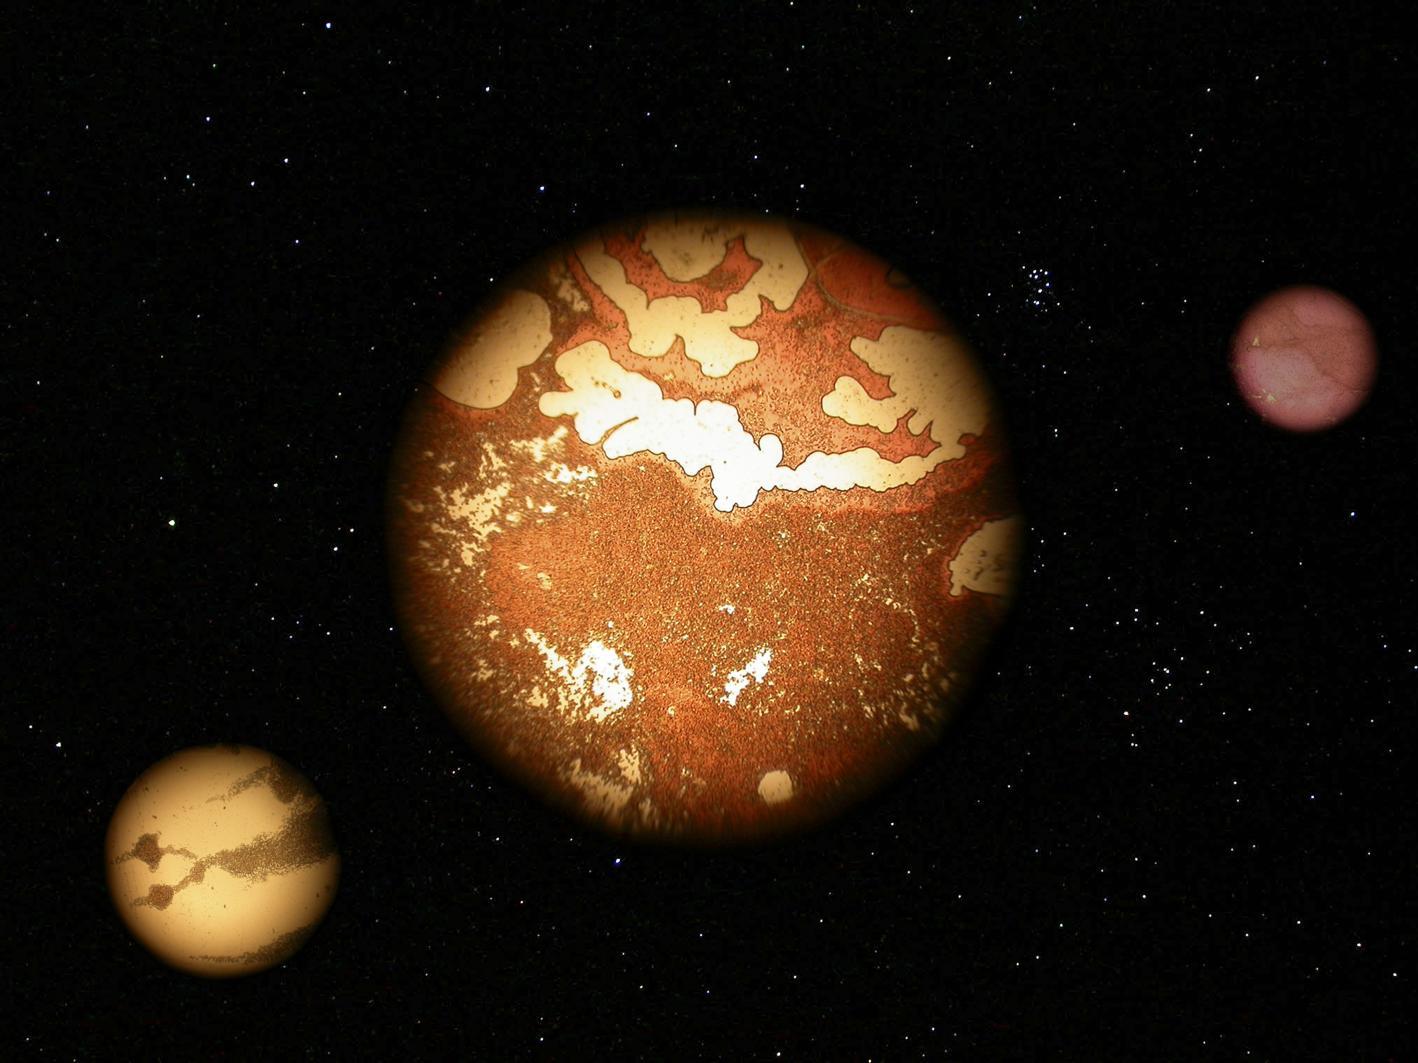 Planetas cercanos I